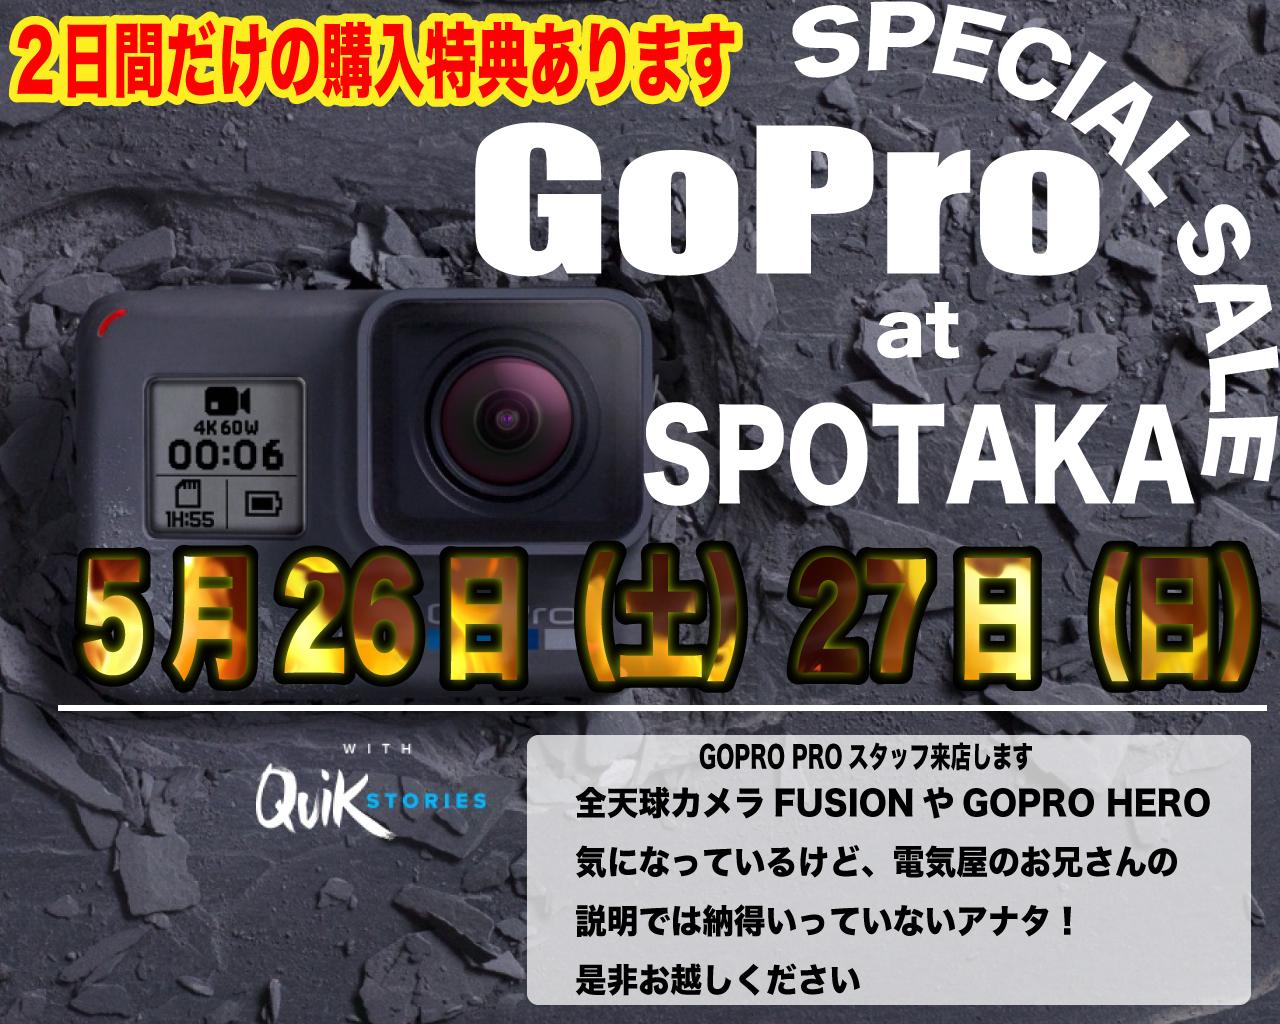 「速報」GOPRO スペシャルセール開催決定!購入特典盛りだくさん